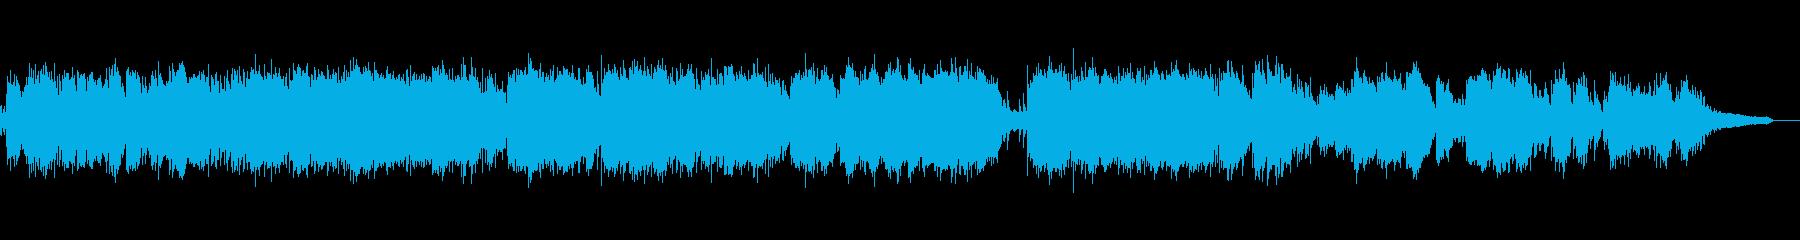 静かなヒーリング系ピアノソロ即興演奏の再生済みの波形